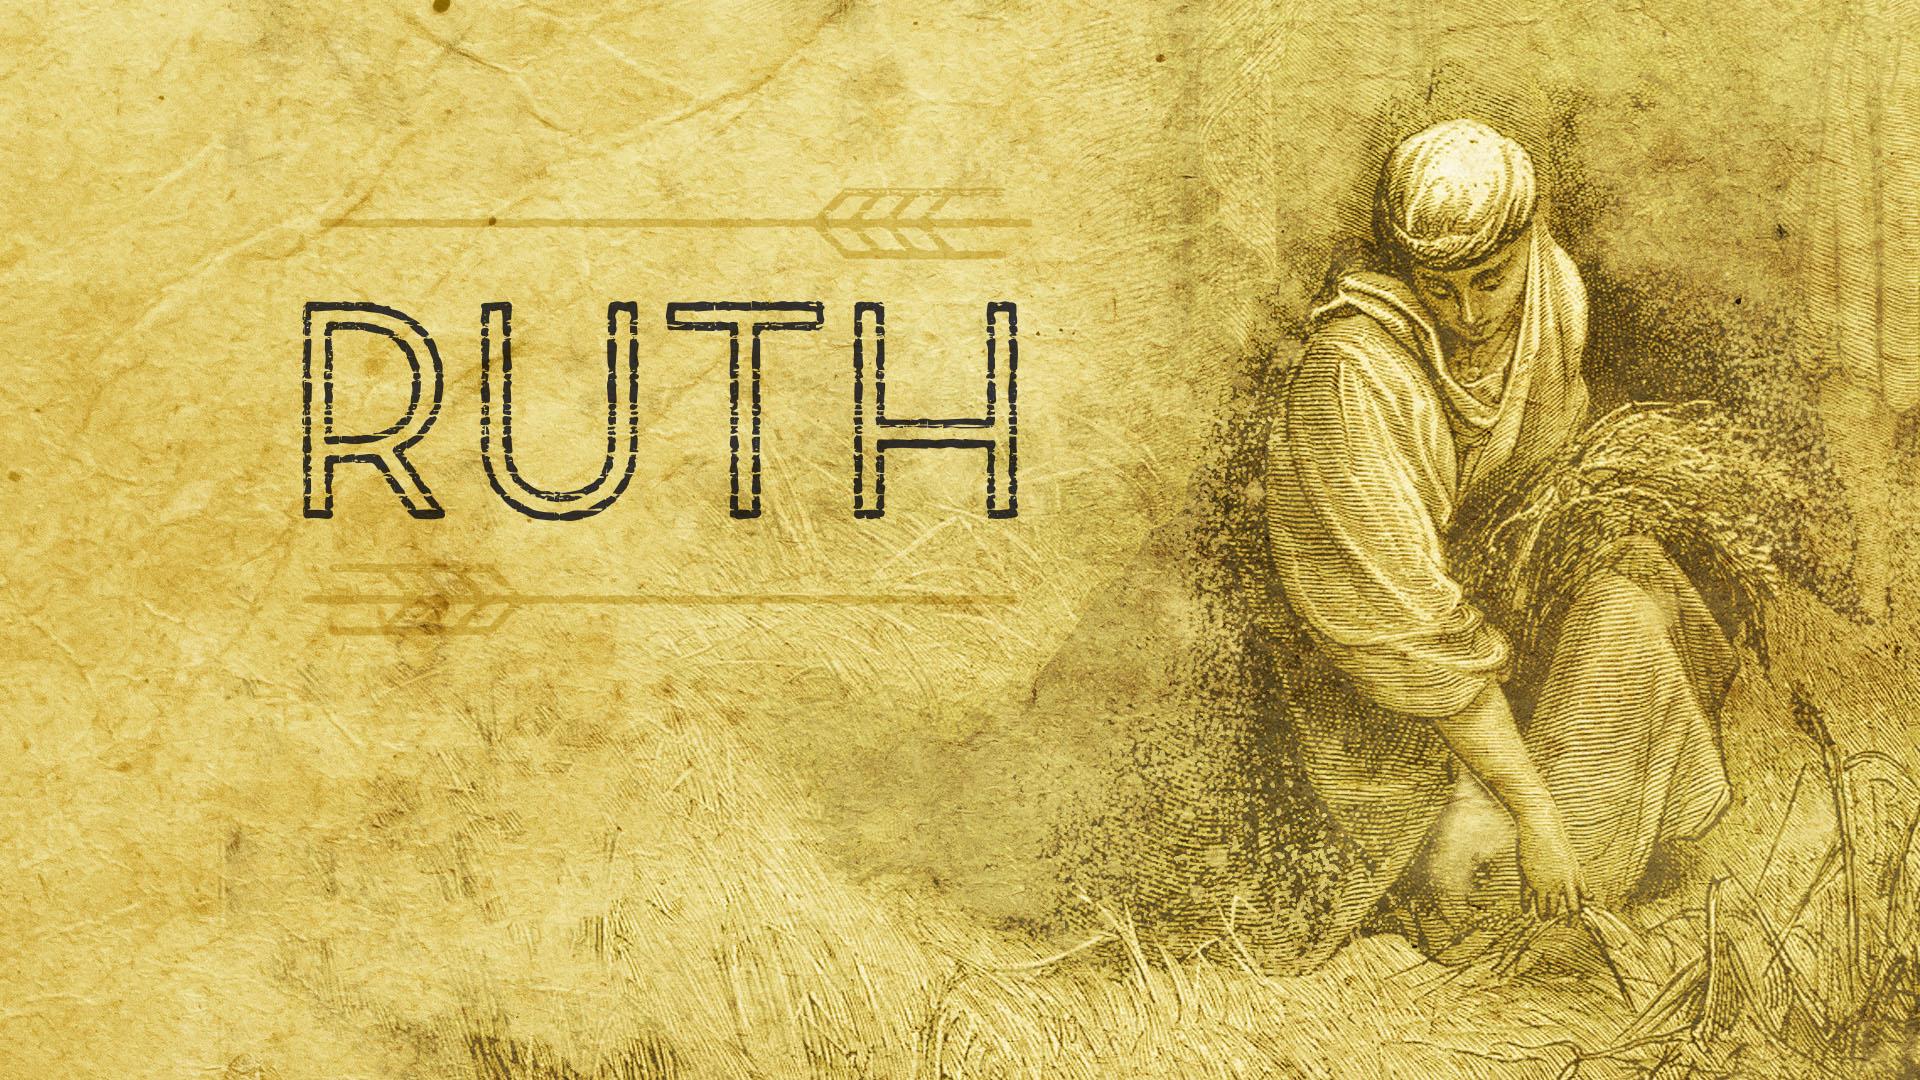 Ruth - Week 1: Ruth 1:1-21Week 2: Ruth 2:1-13Week 3: Ruth 2:13-23Week 4: Ruth 3:1-16Week 5: Ruth 4:1-12Week 6: Ruth 4:13-22